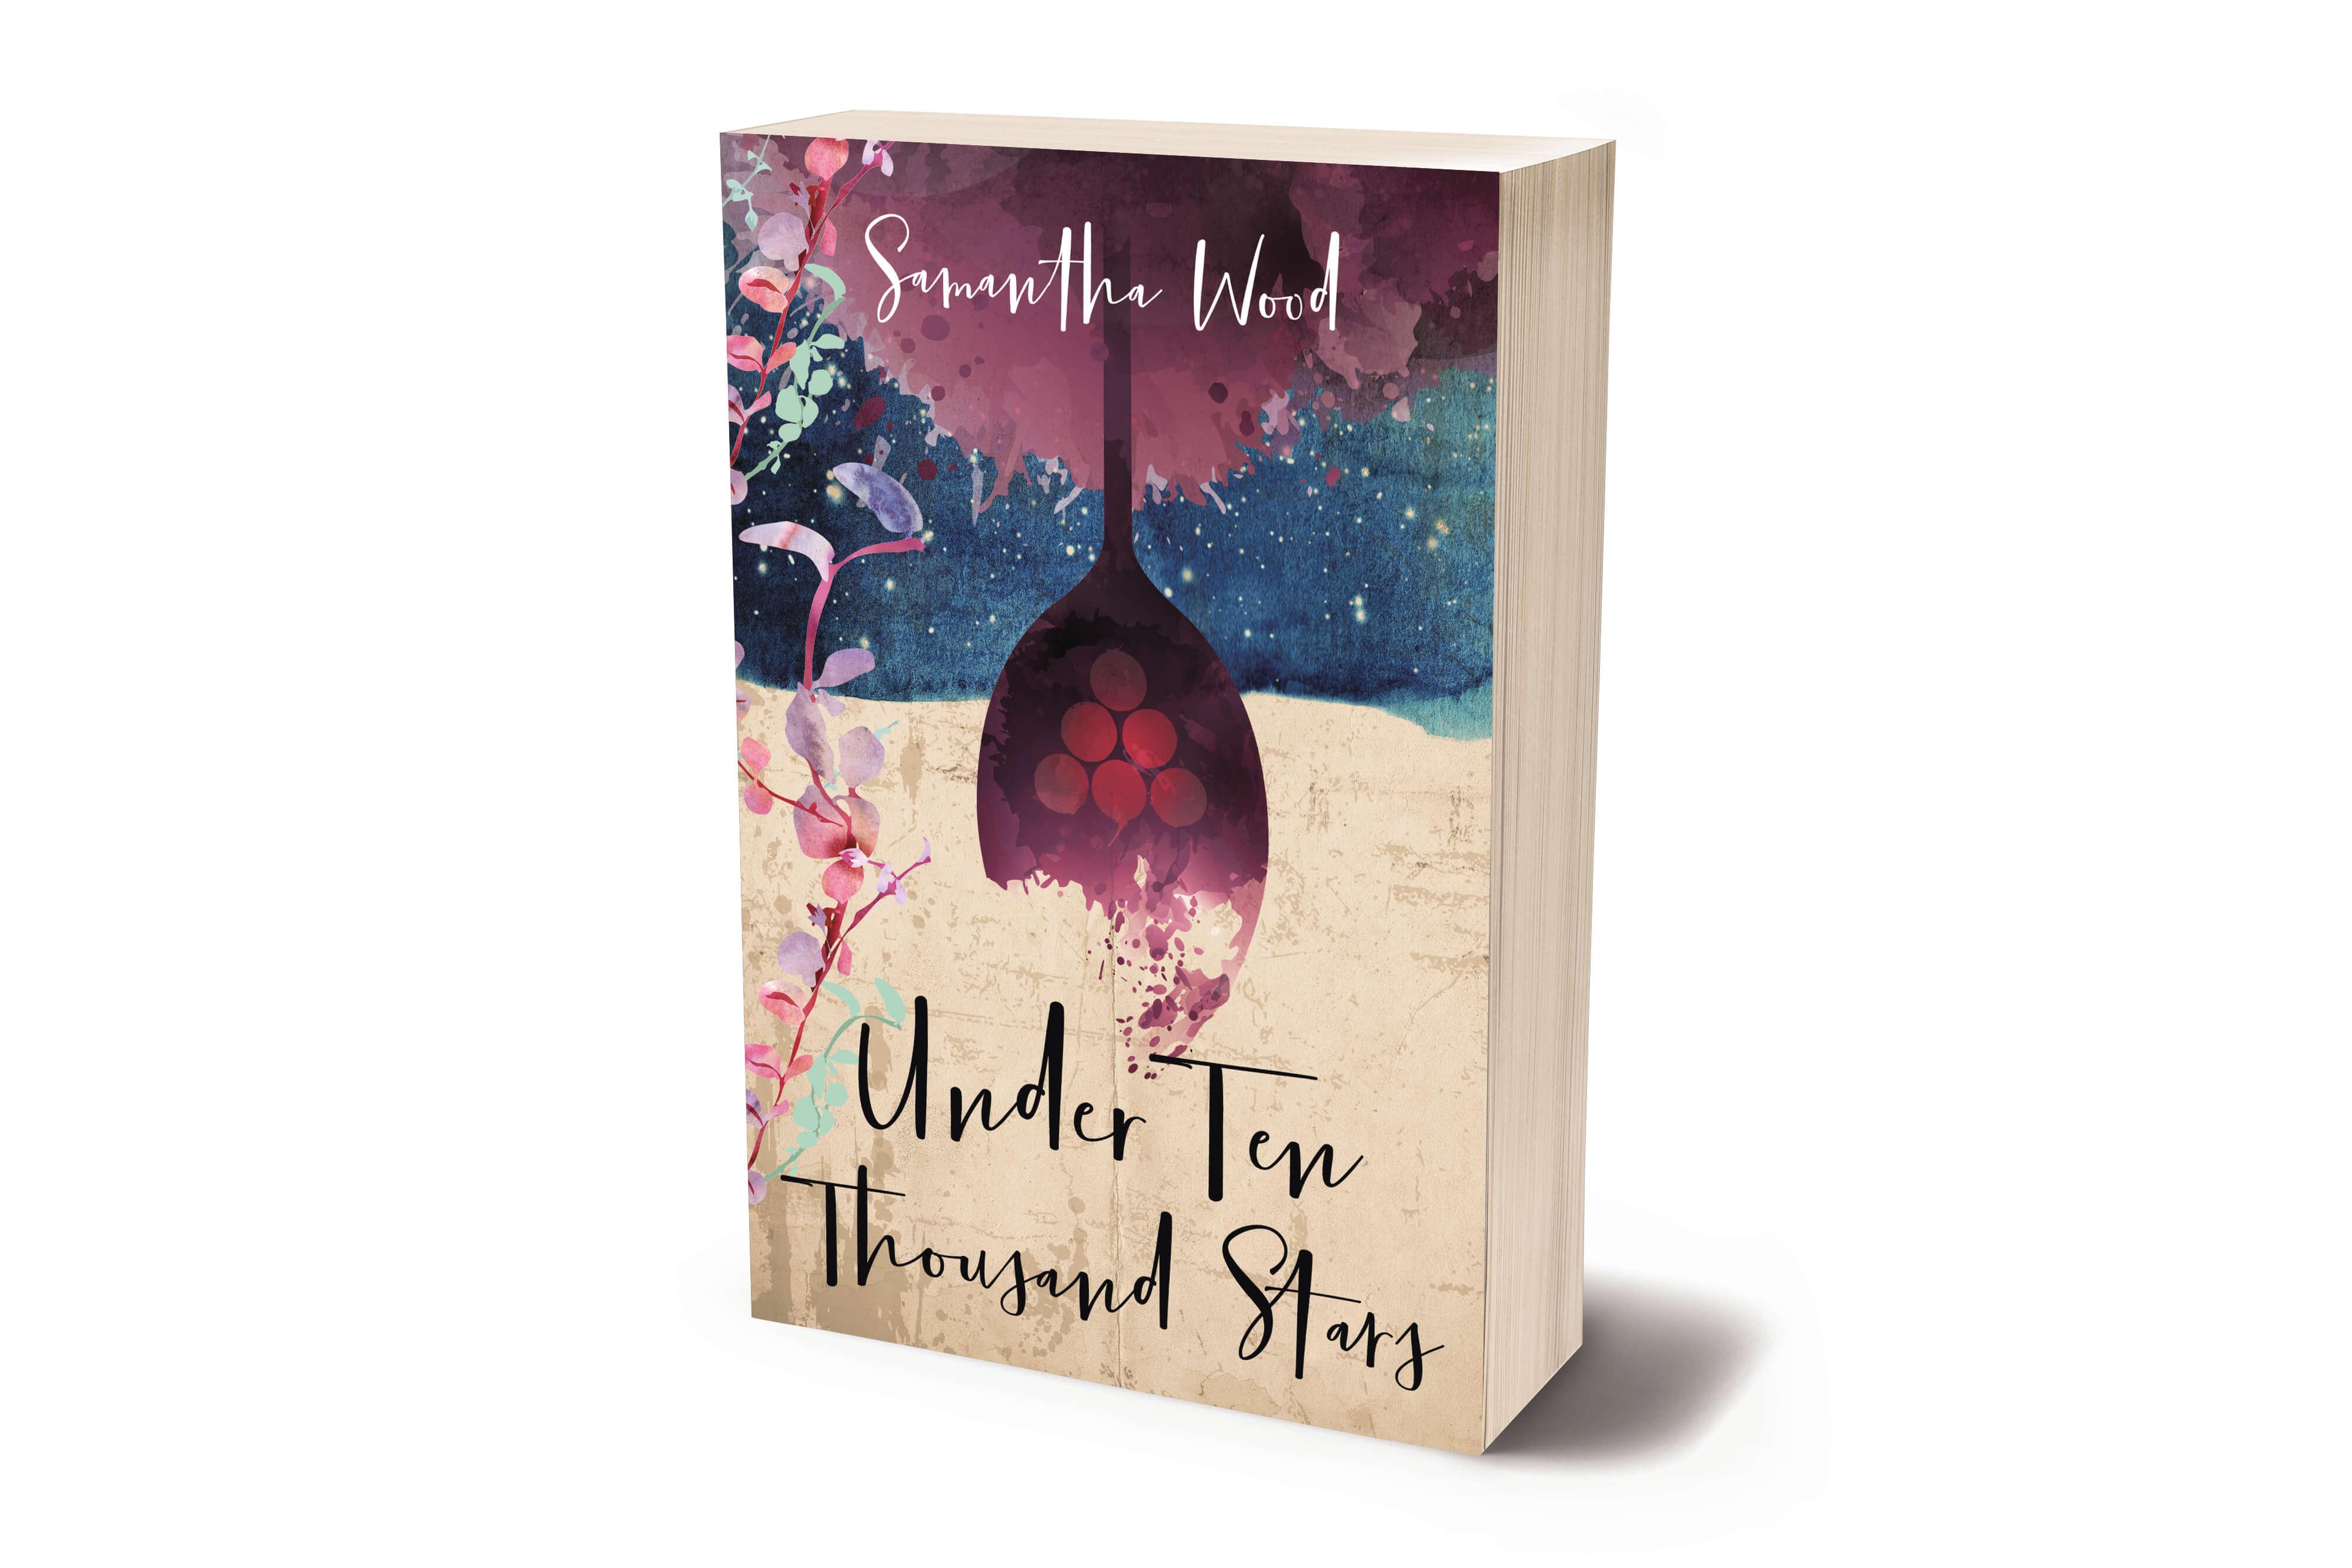 Under Ten Thousand Stars, a novel by Samantha Wood